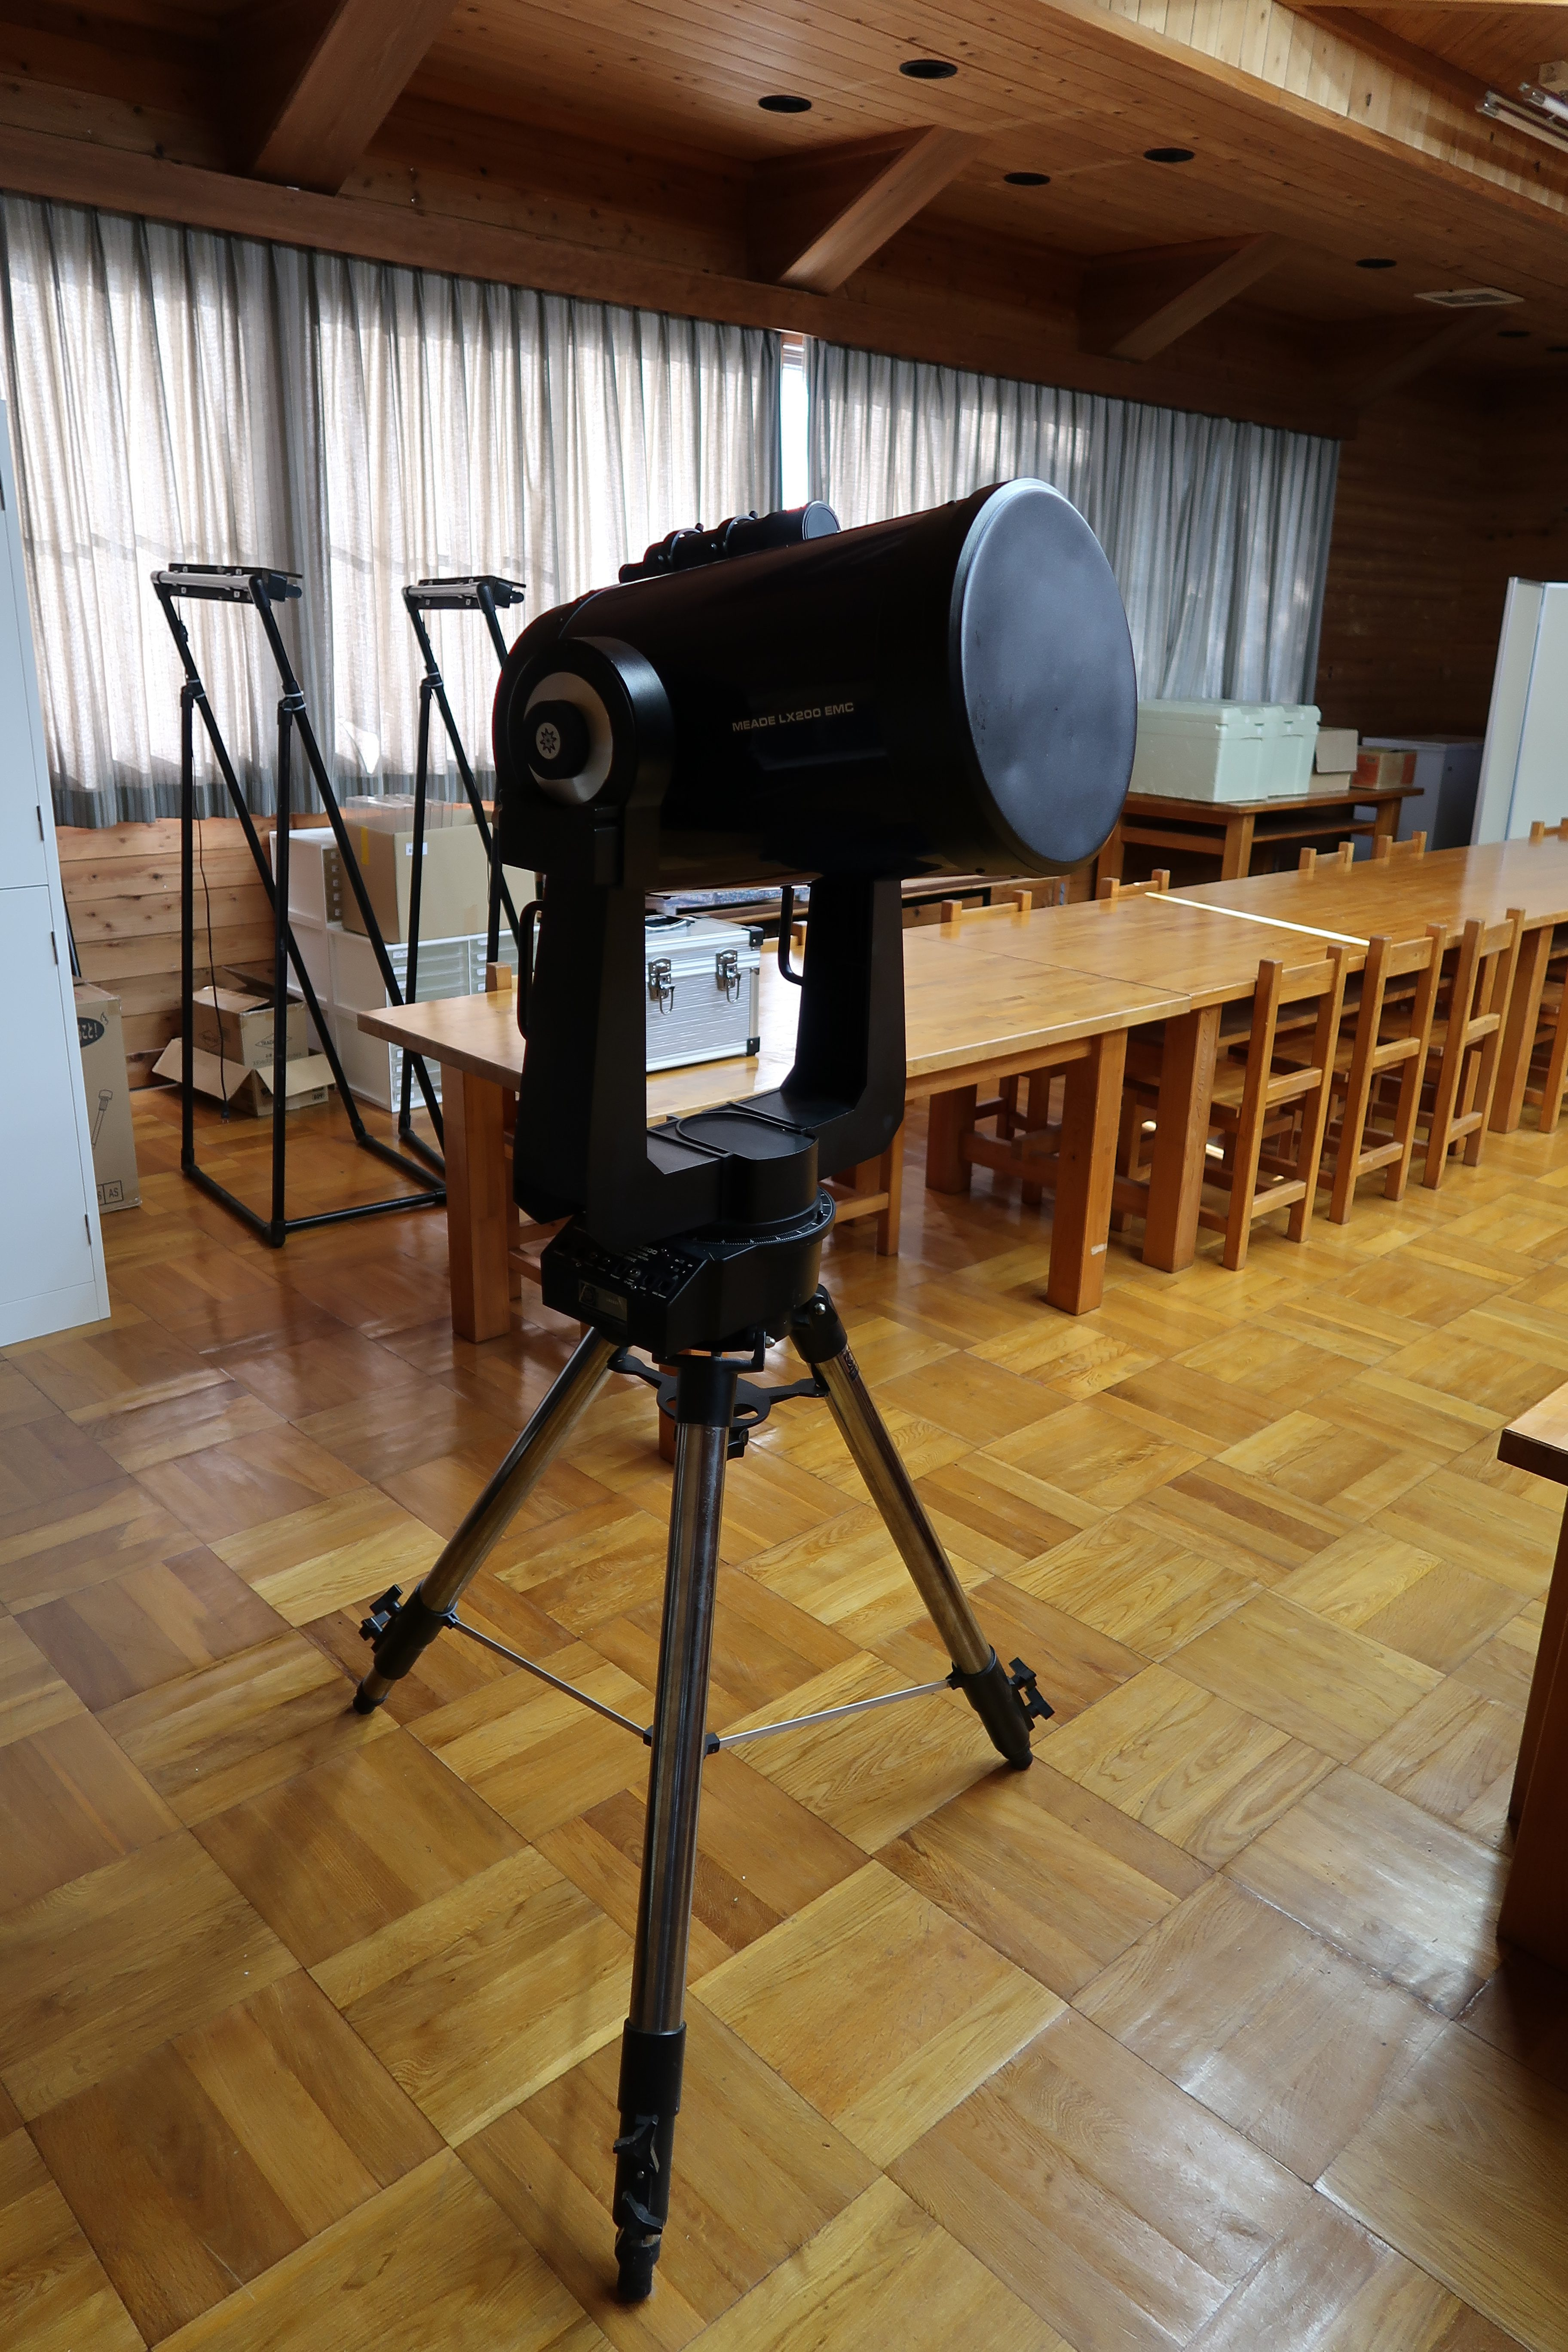 MEADE製天体望遠鏡